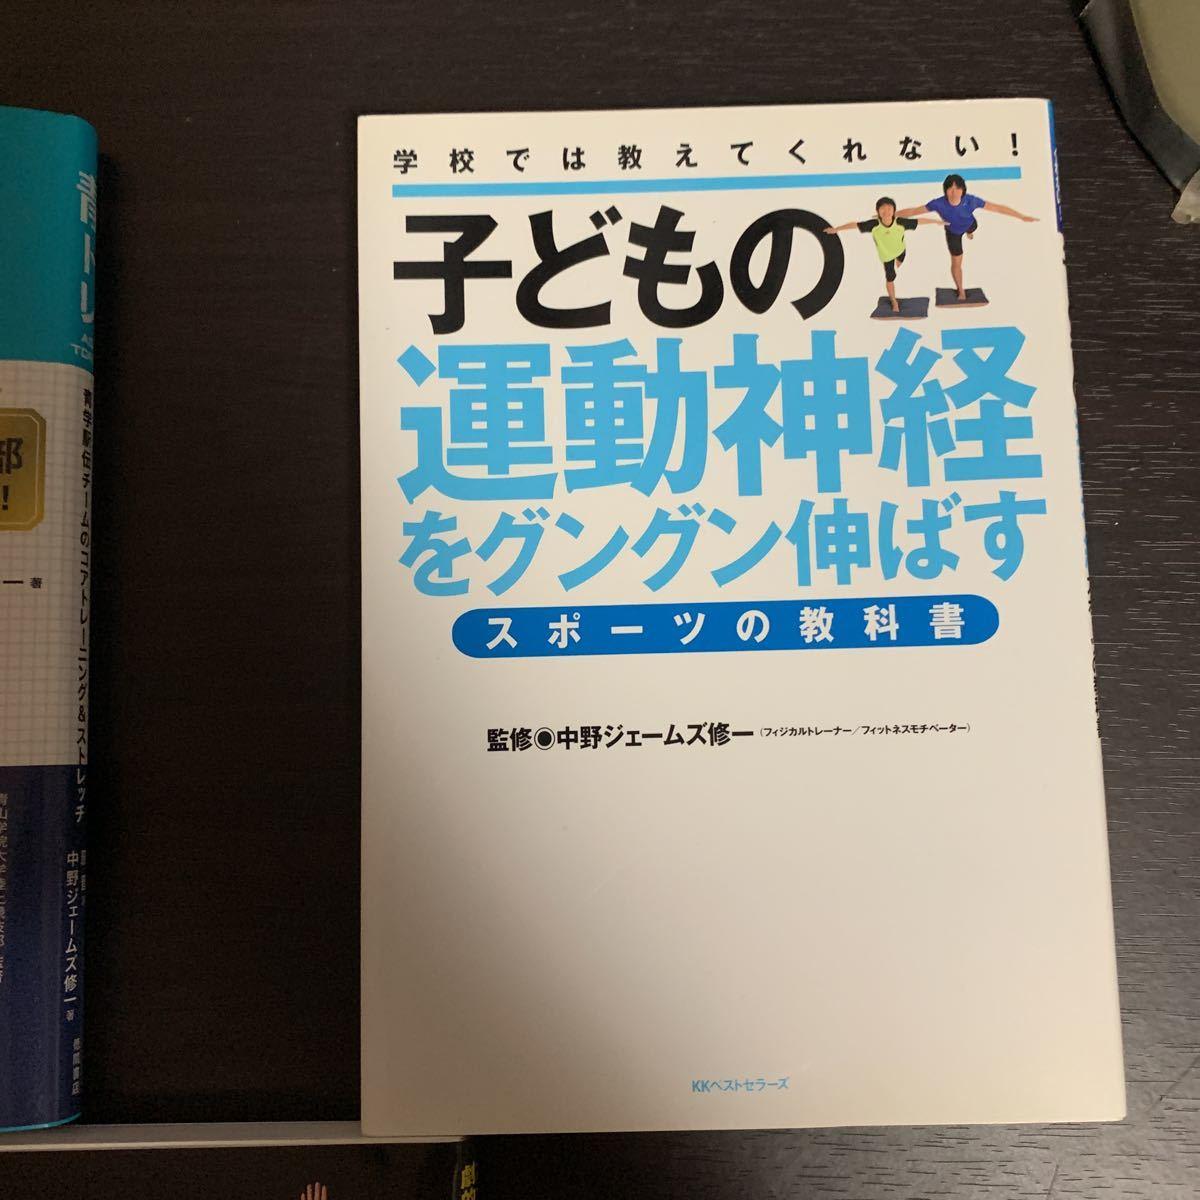 中野ジェームズ修一氏の本3冊 青トレ 動的ストレッチ 子供の運動神経をグングン伸ばす_画像3